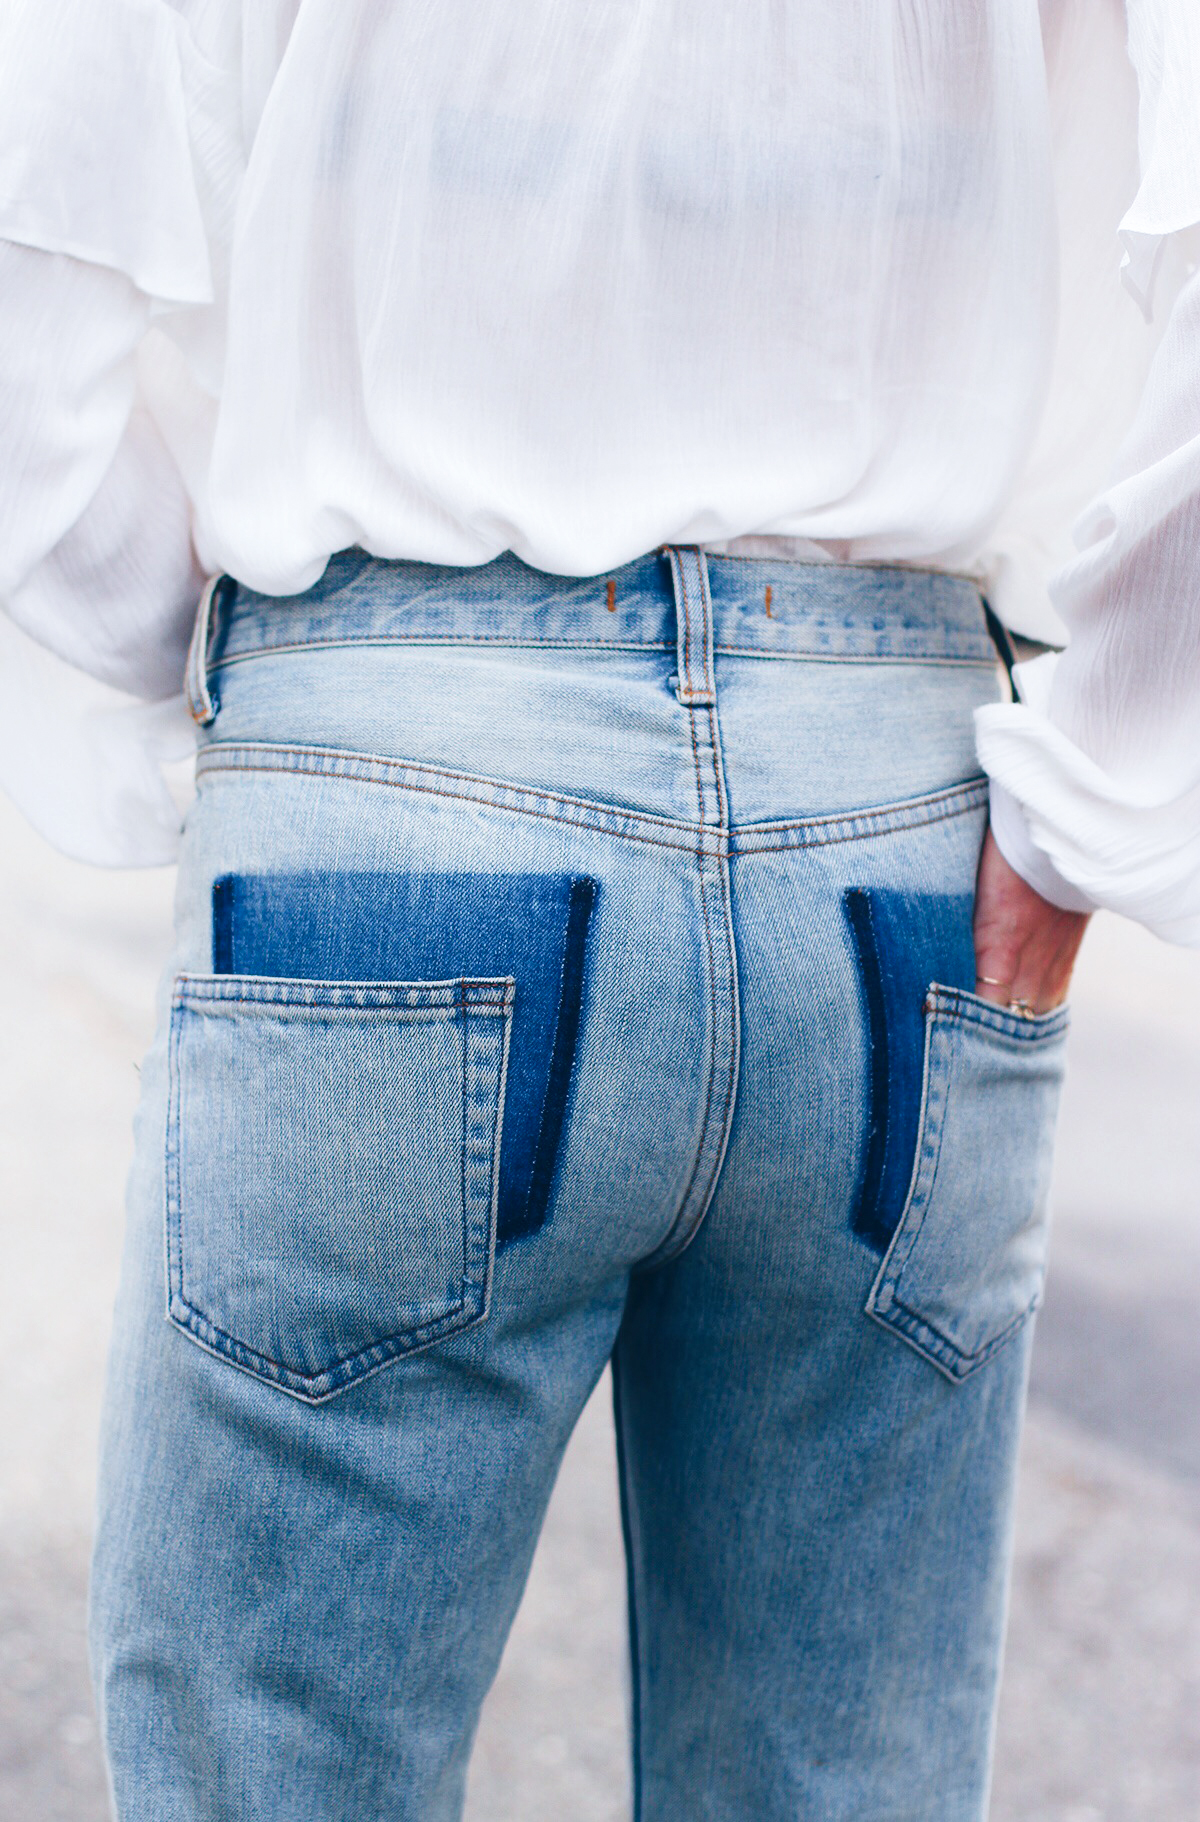 Джинсы с перешитыми карманами